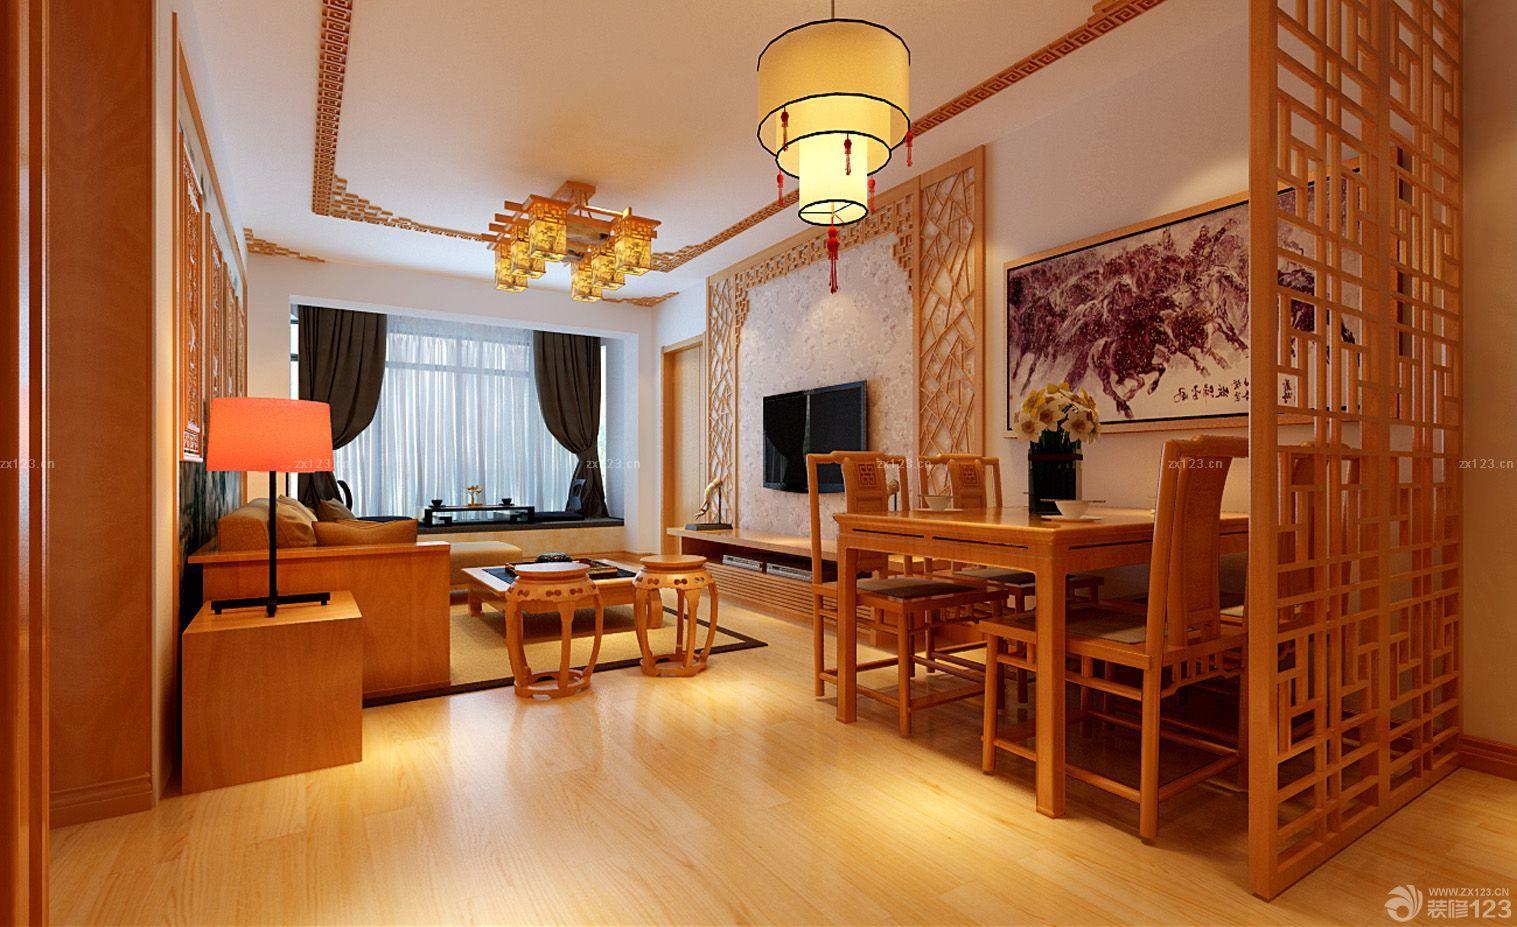 80-90平米二室一厅中式装修效果图